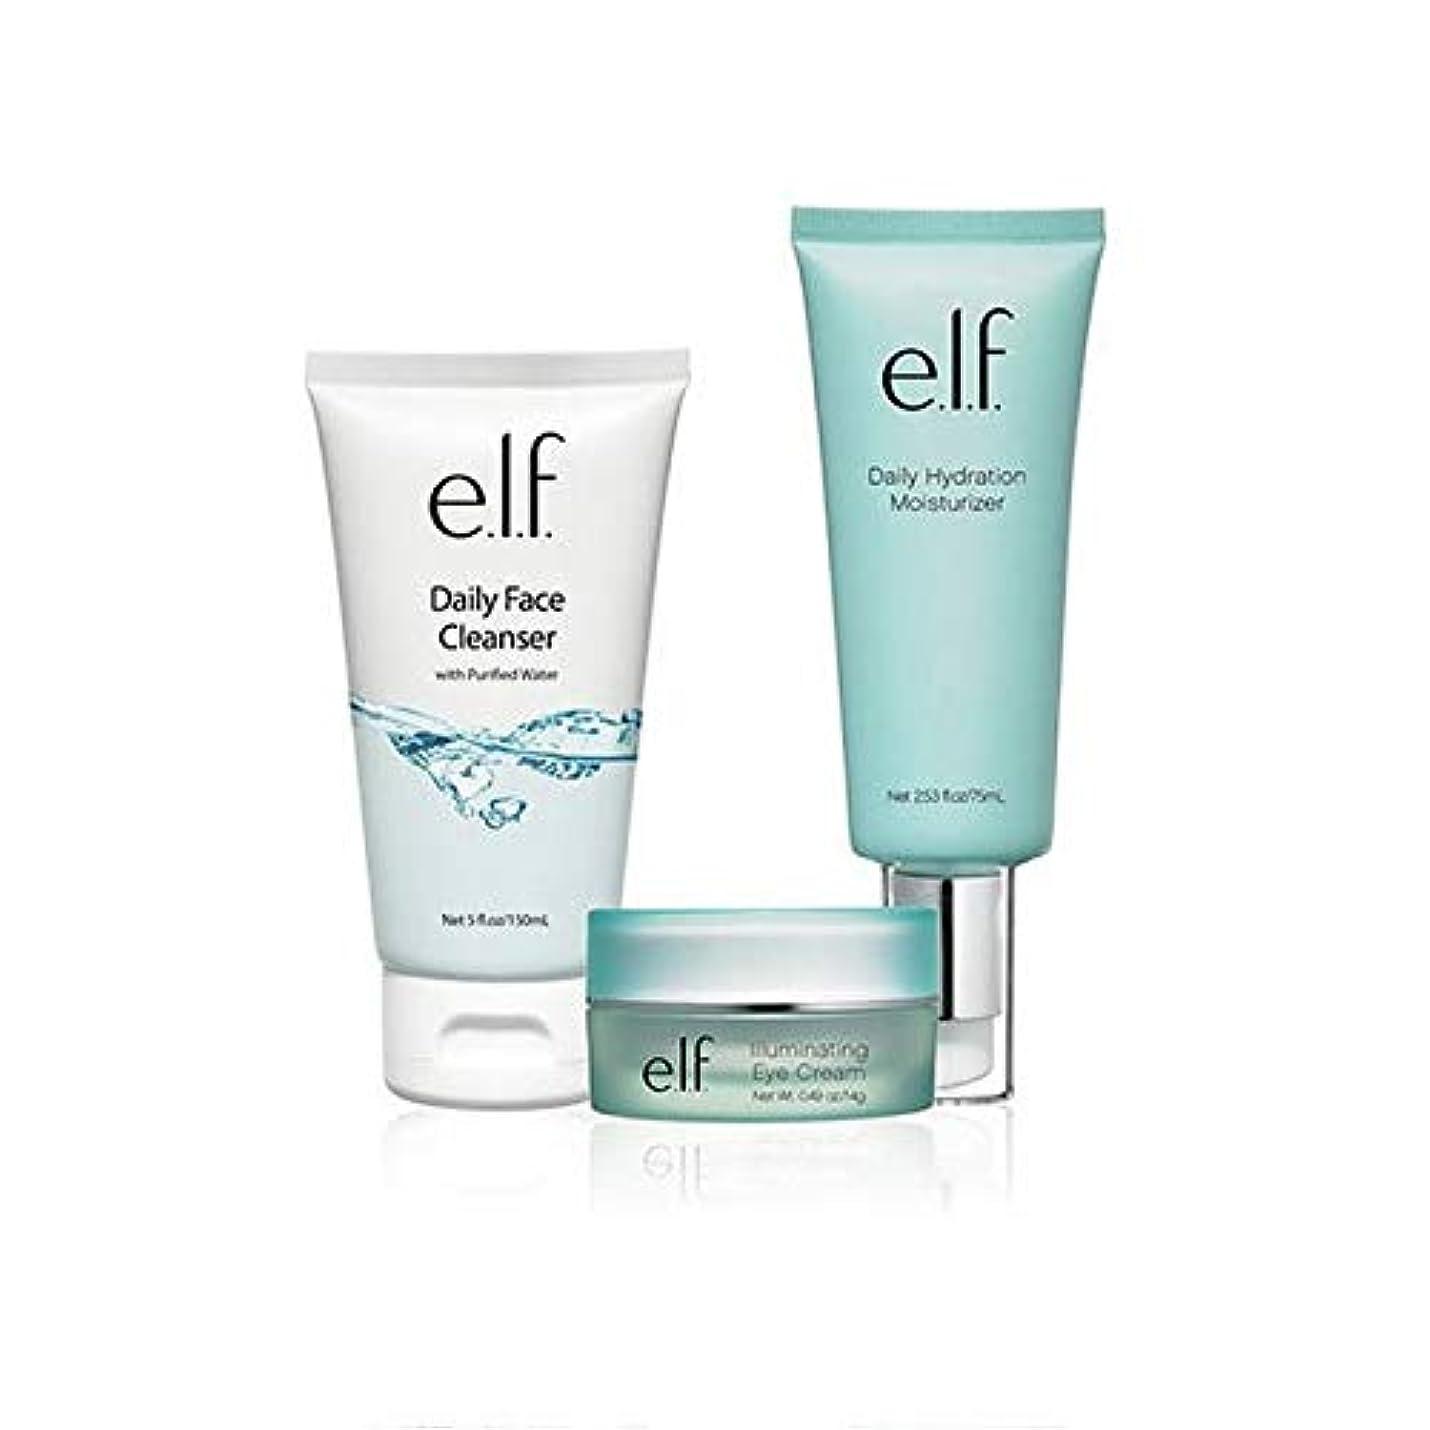 学んだ異形表示[Elf] エルフ。フェイシャルスキンケアセット - e.l.f. Facial Skincare Set [並行輸入品]